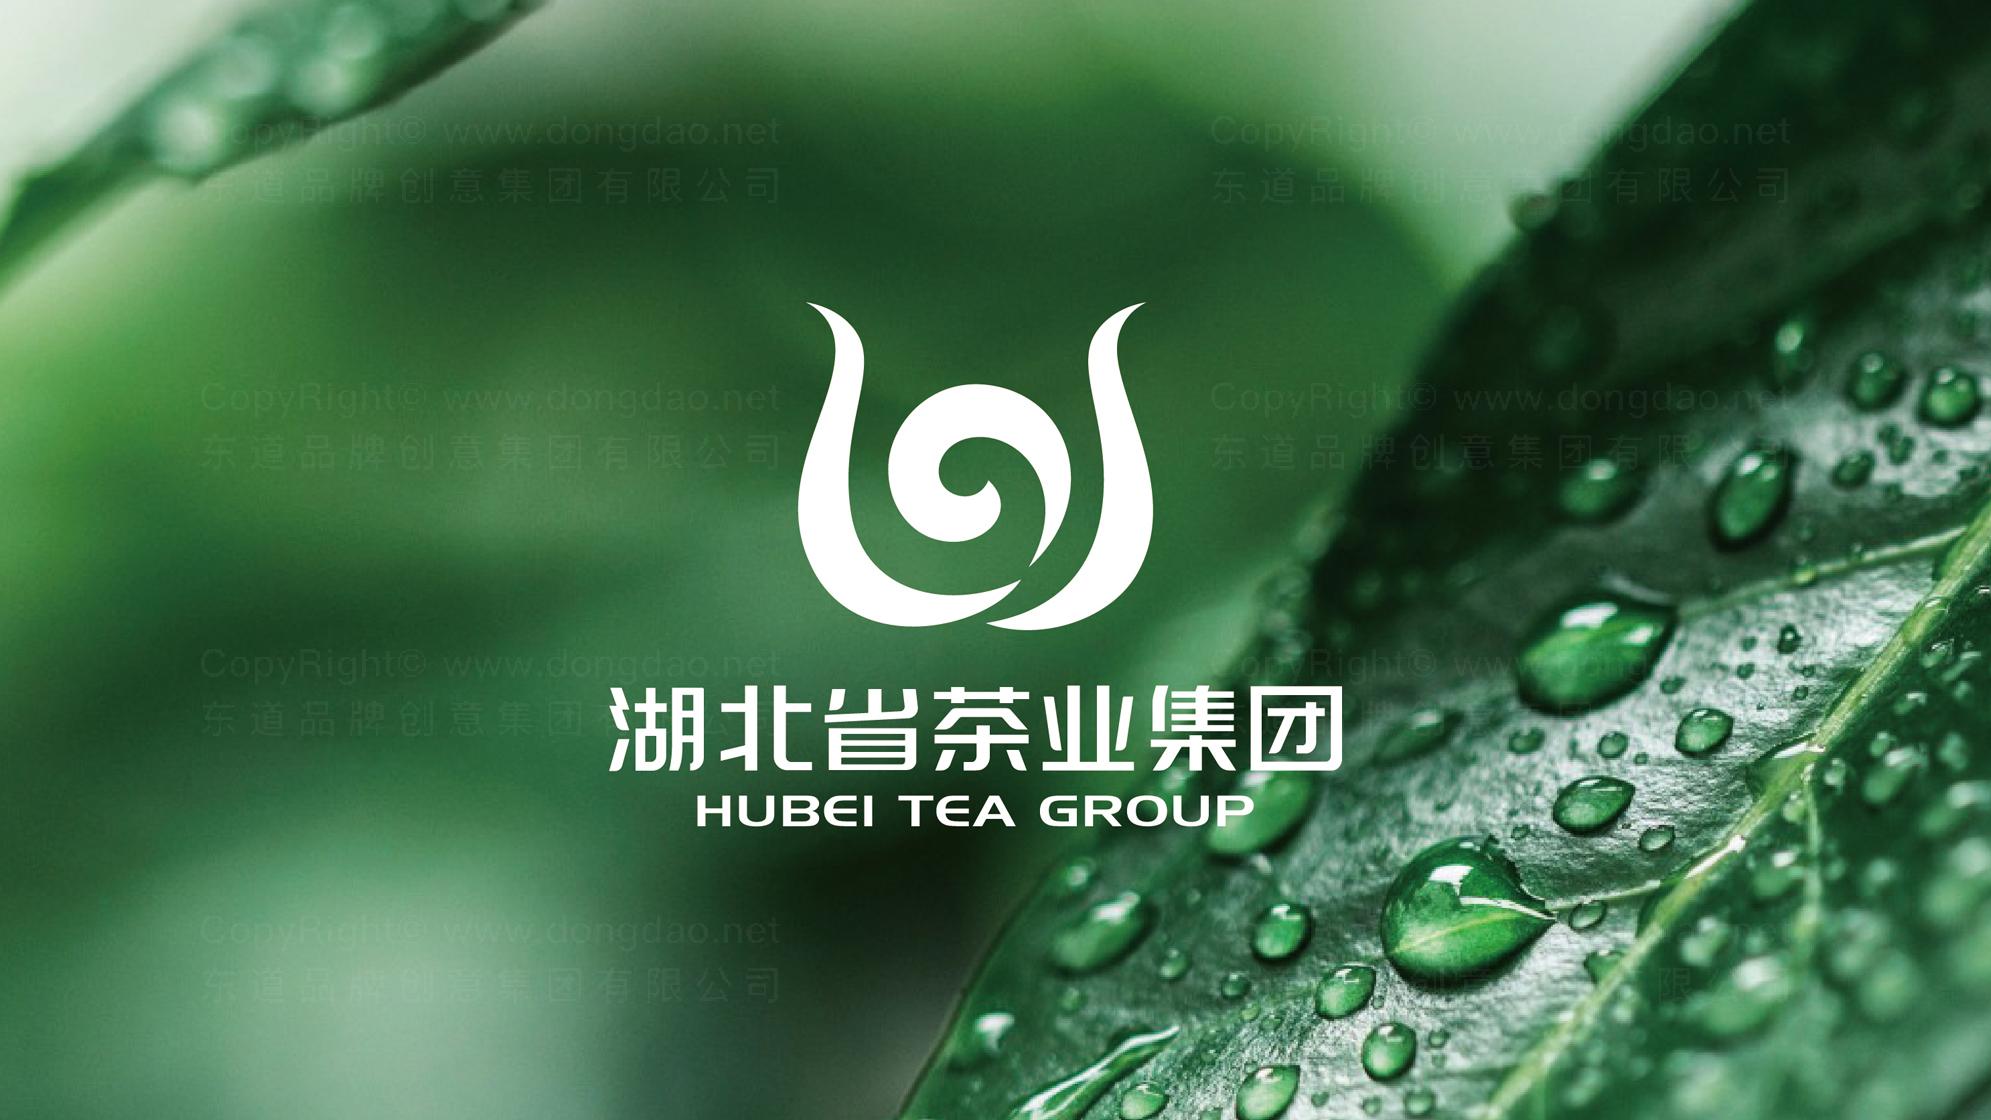 品牌设计案例湖北茶业LOGO&VI设计